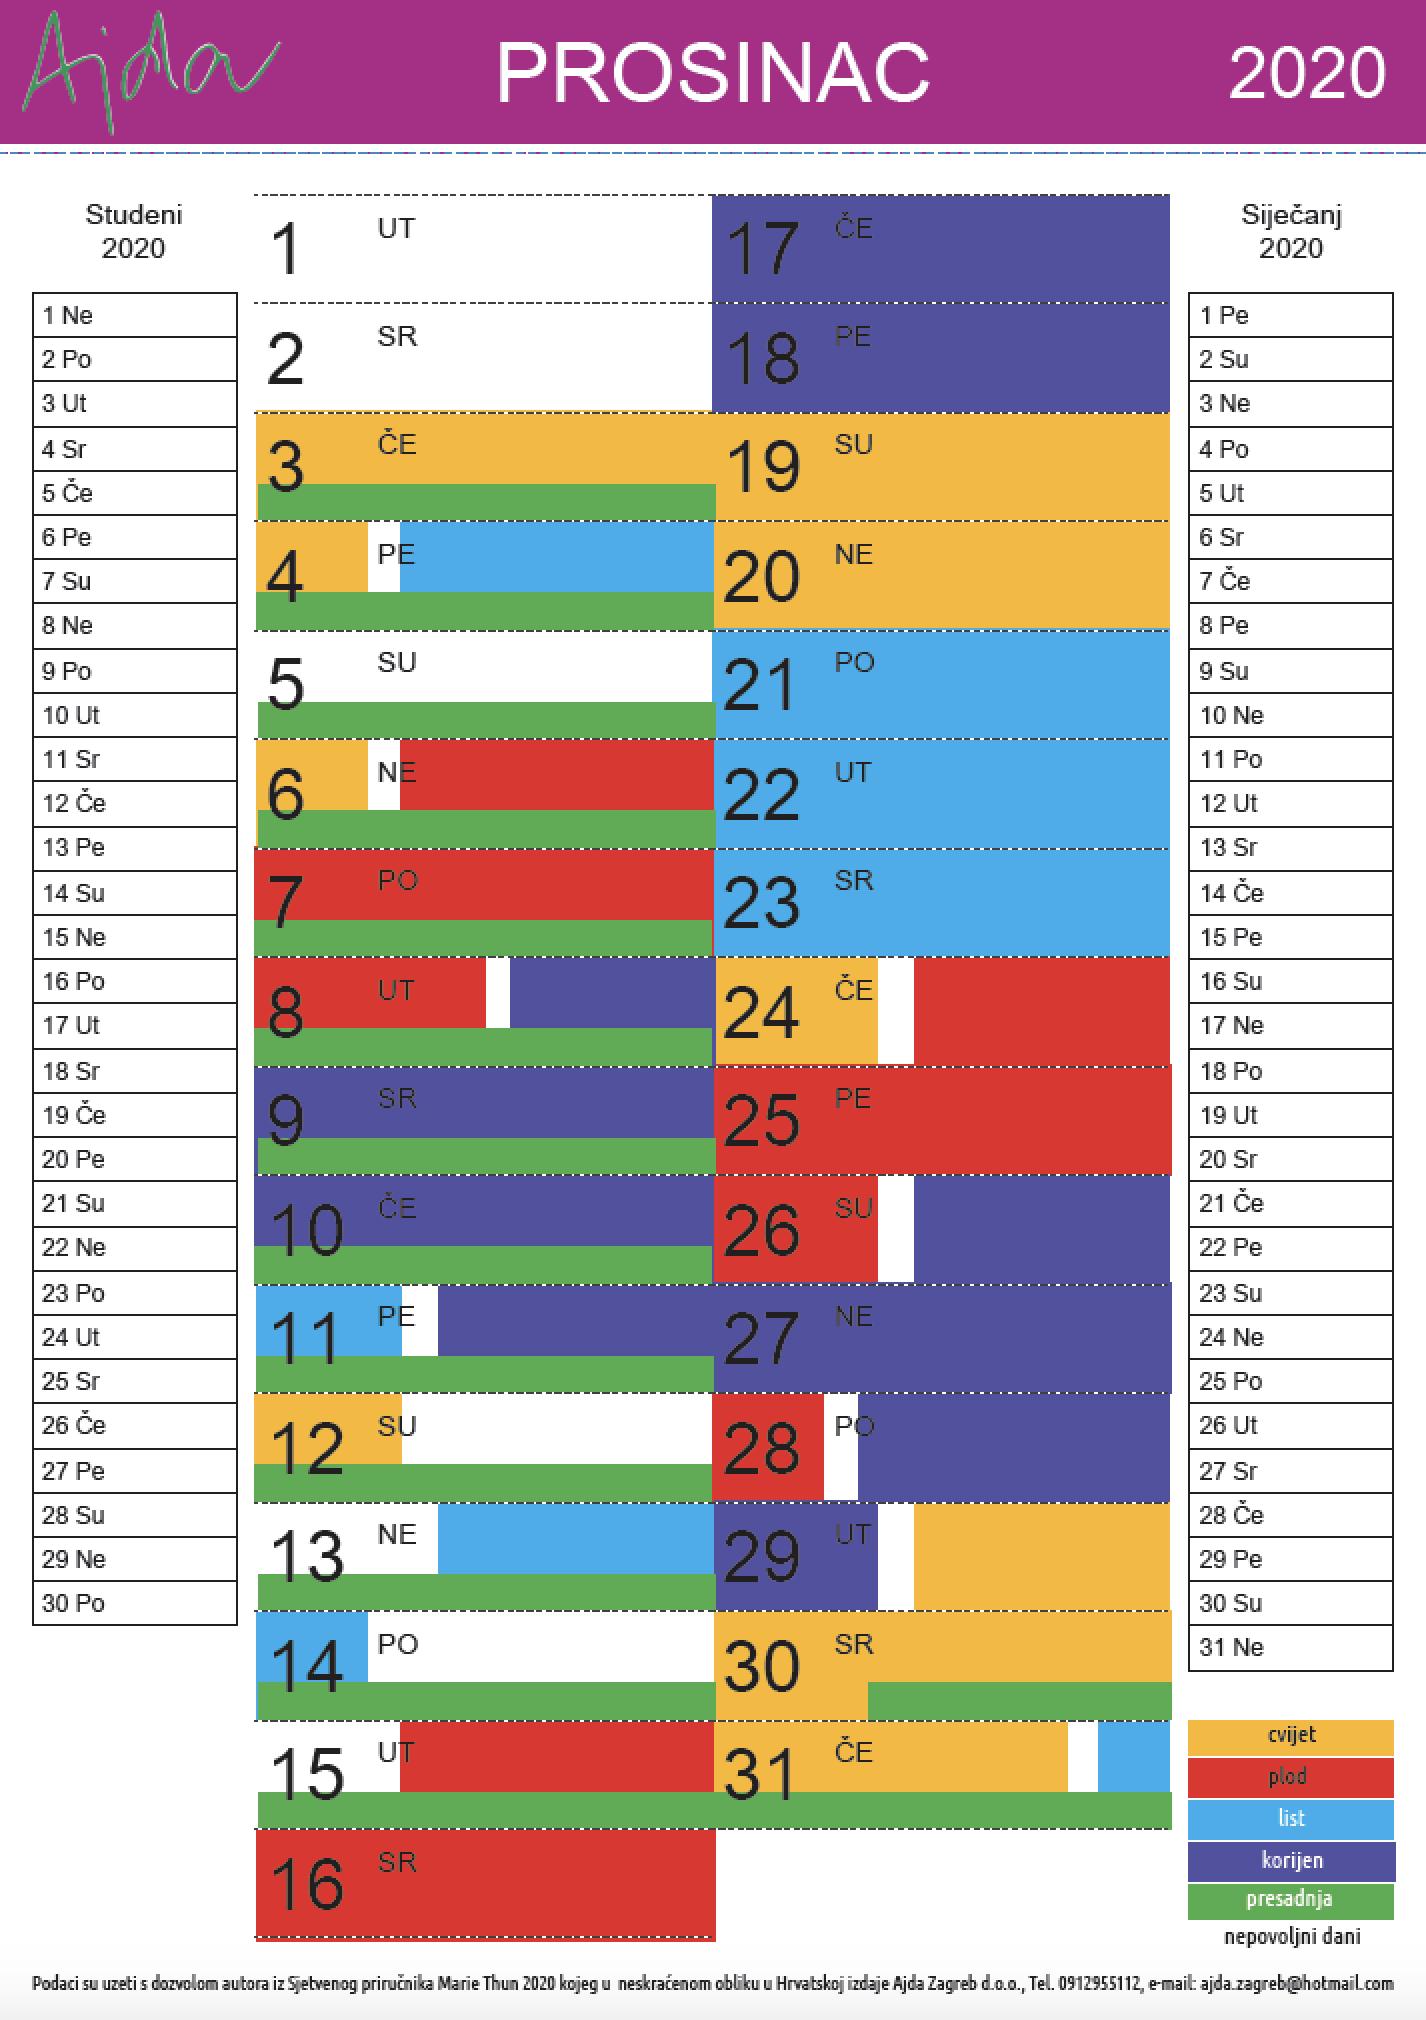 Sjetveni Kalendar Skraceni Sjetveni Prirucnik 2018 Kalendar Za Poljoprivrednike Vrtlare I Pcelare Maria Thun Izdavacka Kuca Ajda Zagreb D O O